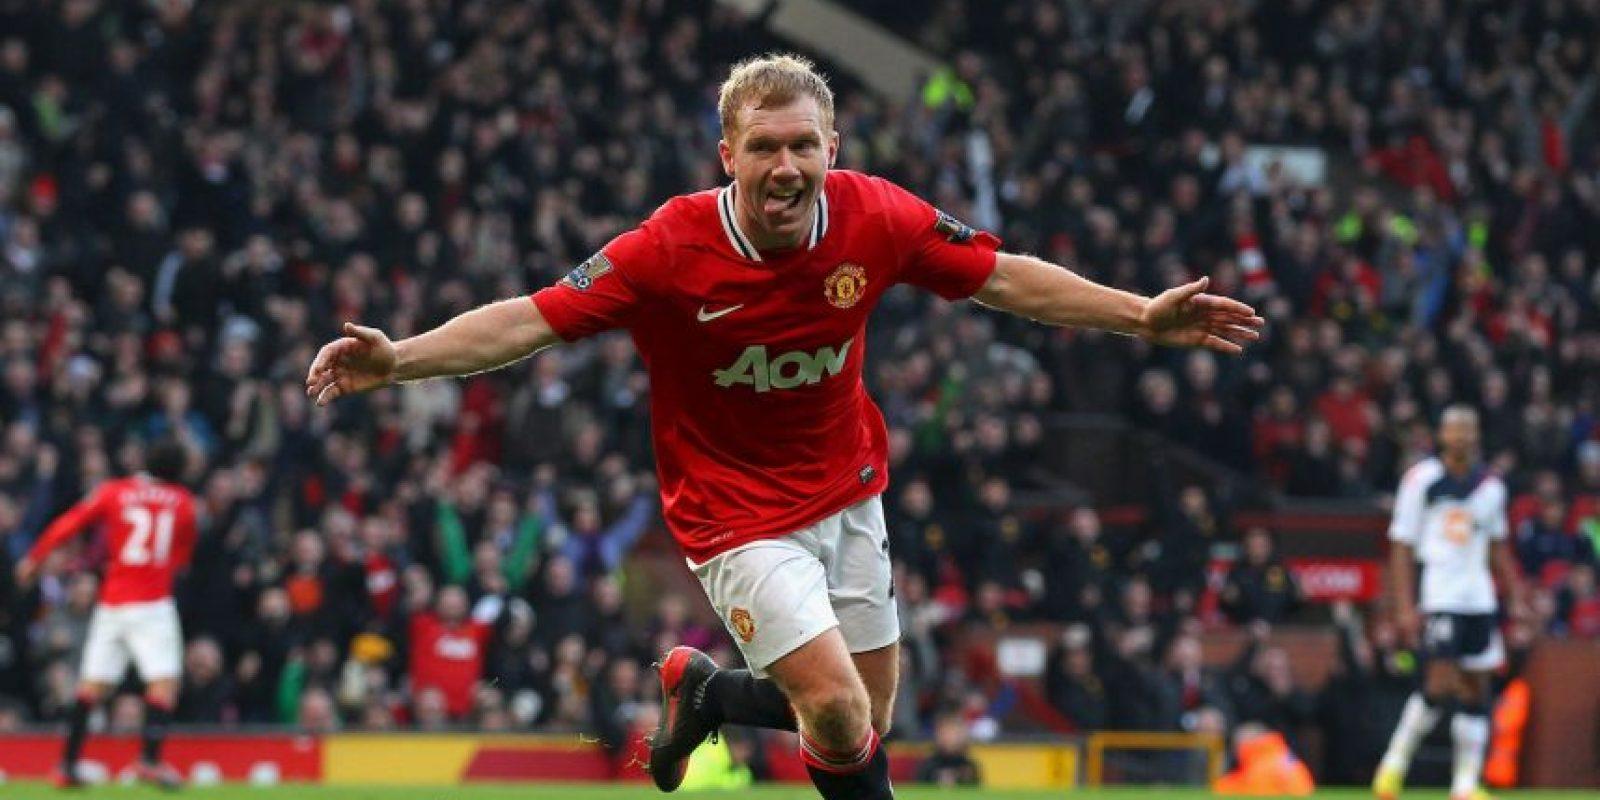 Estuvo toda su carrera en Manchester United y totalizó 20 campañas en Old Trafford, antes de retirarse en 2012/14. Su estadía en los Diablos Rojos le permitieron ser el futbolista inglés más laureado y sumó 25 títulos, entre los que destacan sus once Premier League y sus dos Champions League. Foto:Getty Images